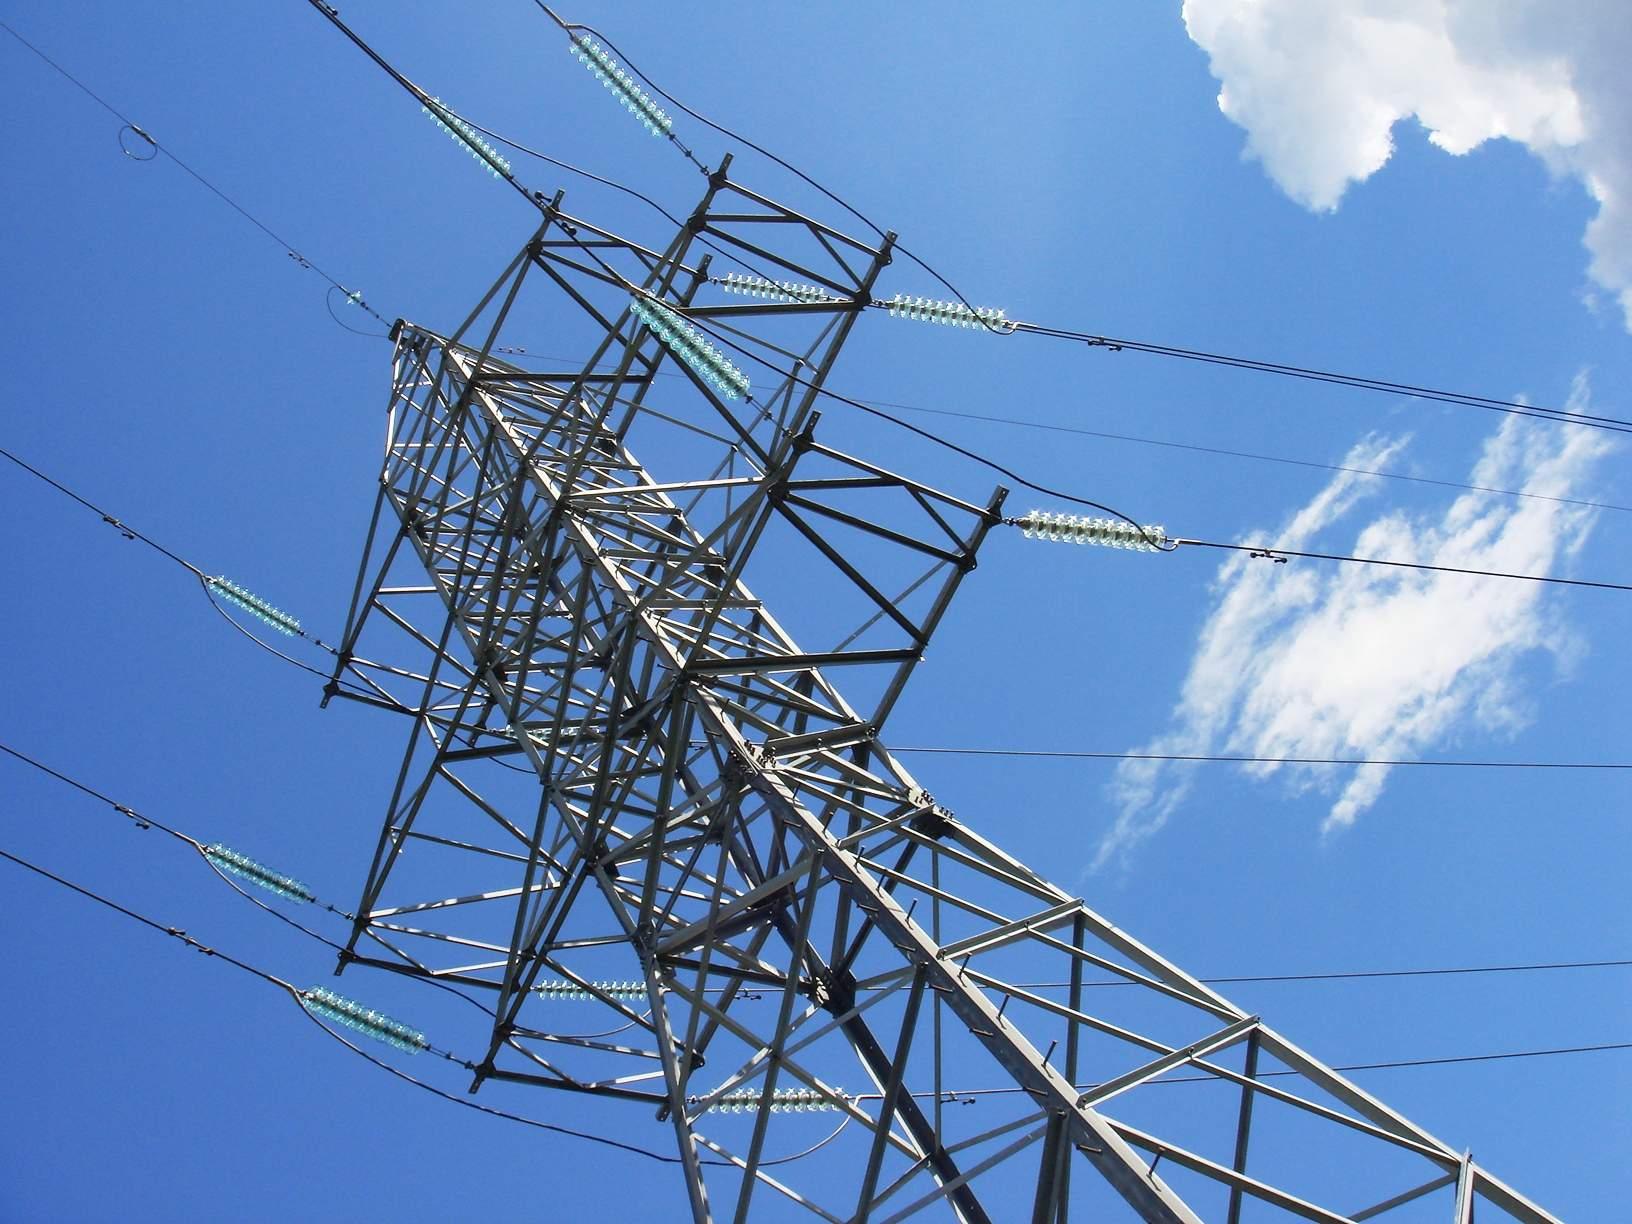 Энергетики Тверьэнерго завершили работы по замене полимерной изоляции на высоковольтных ЛЭП